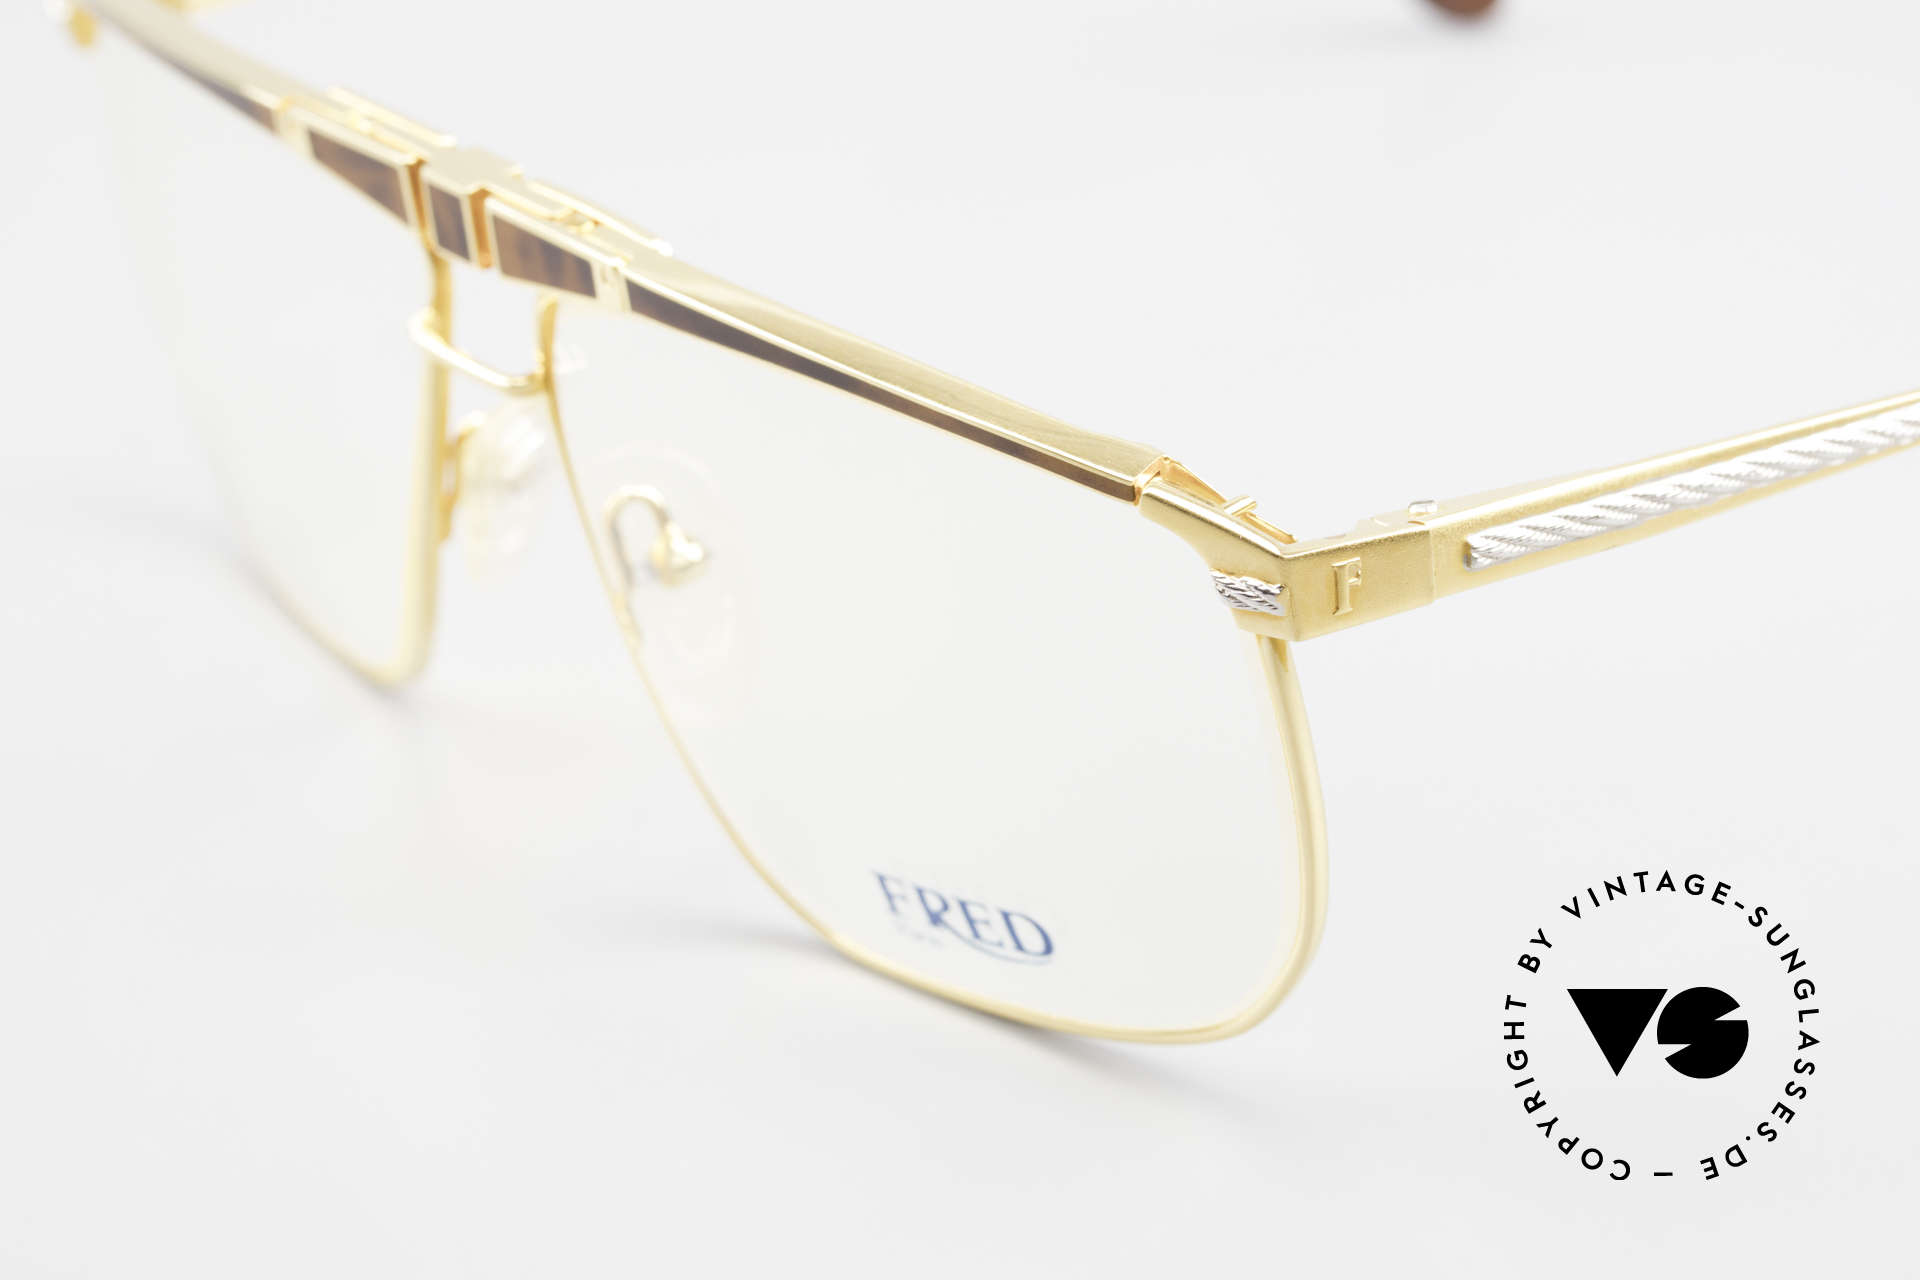 Fred Ocean Men's Luxury Glasses 22kt Gold, with orig. DEMO lenses and origi. OCEAN sun lenses, Made for Men